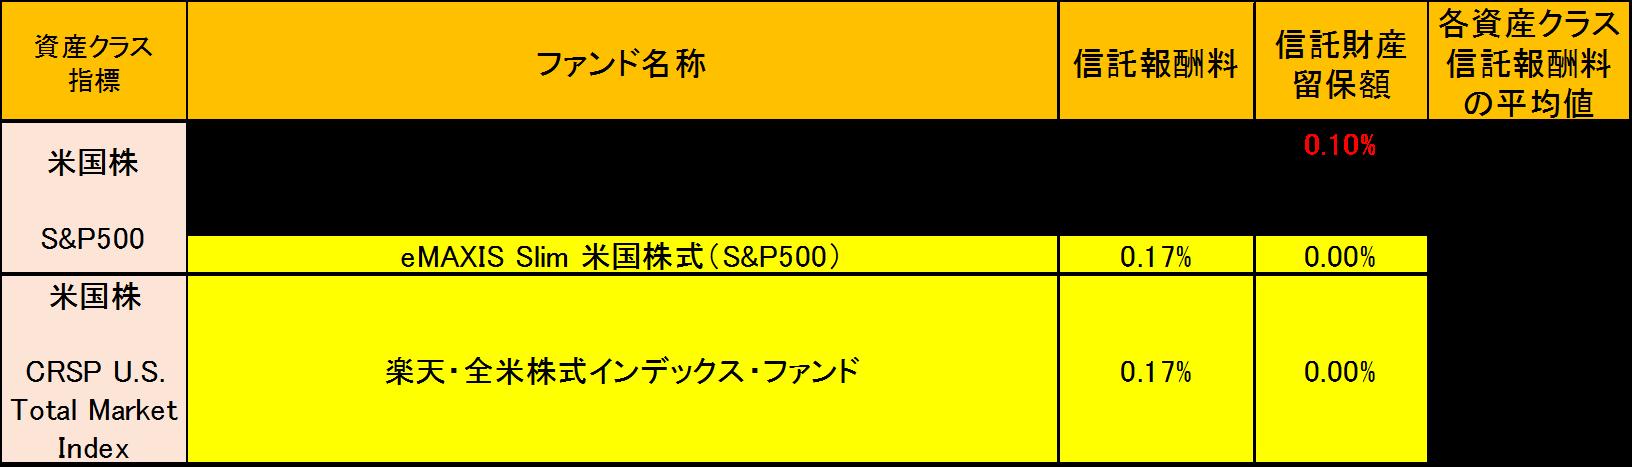 tsumitatenisa_beikokukabu_tesuuryou